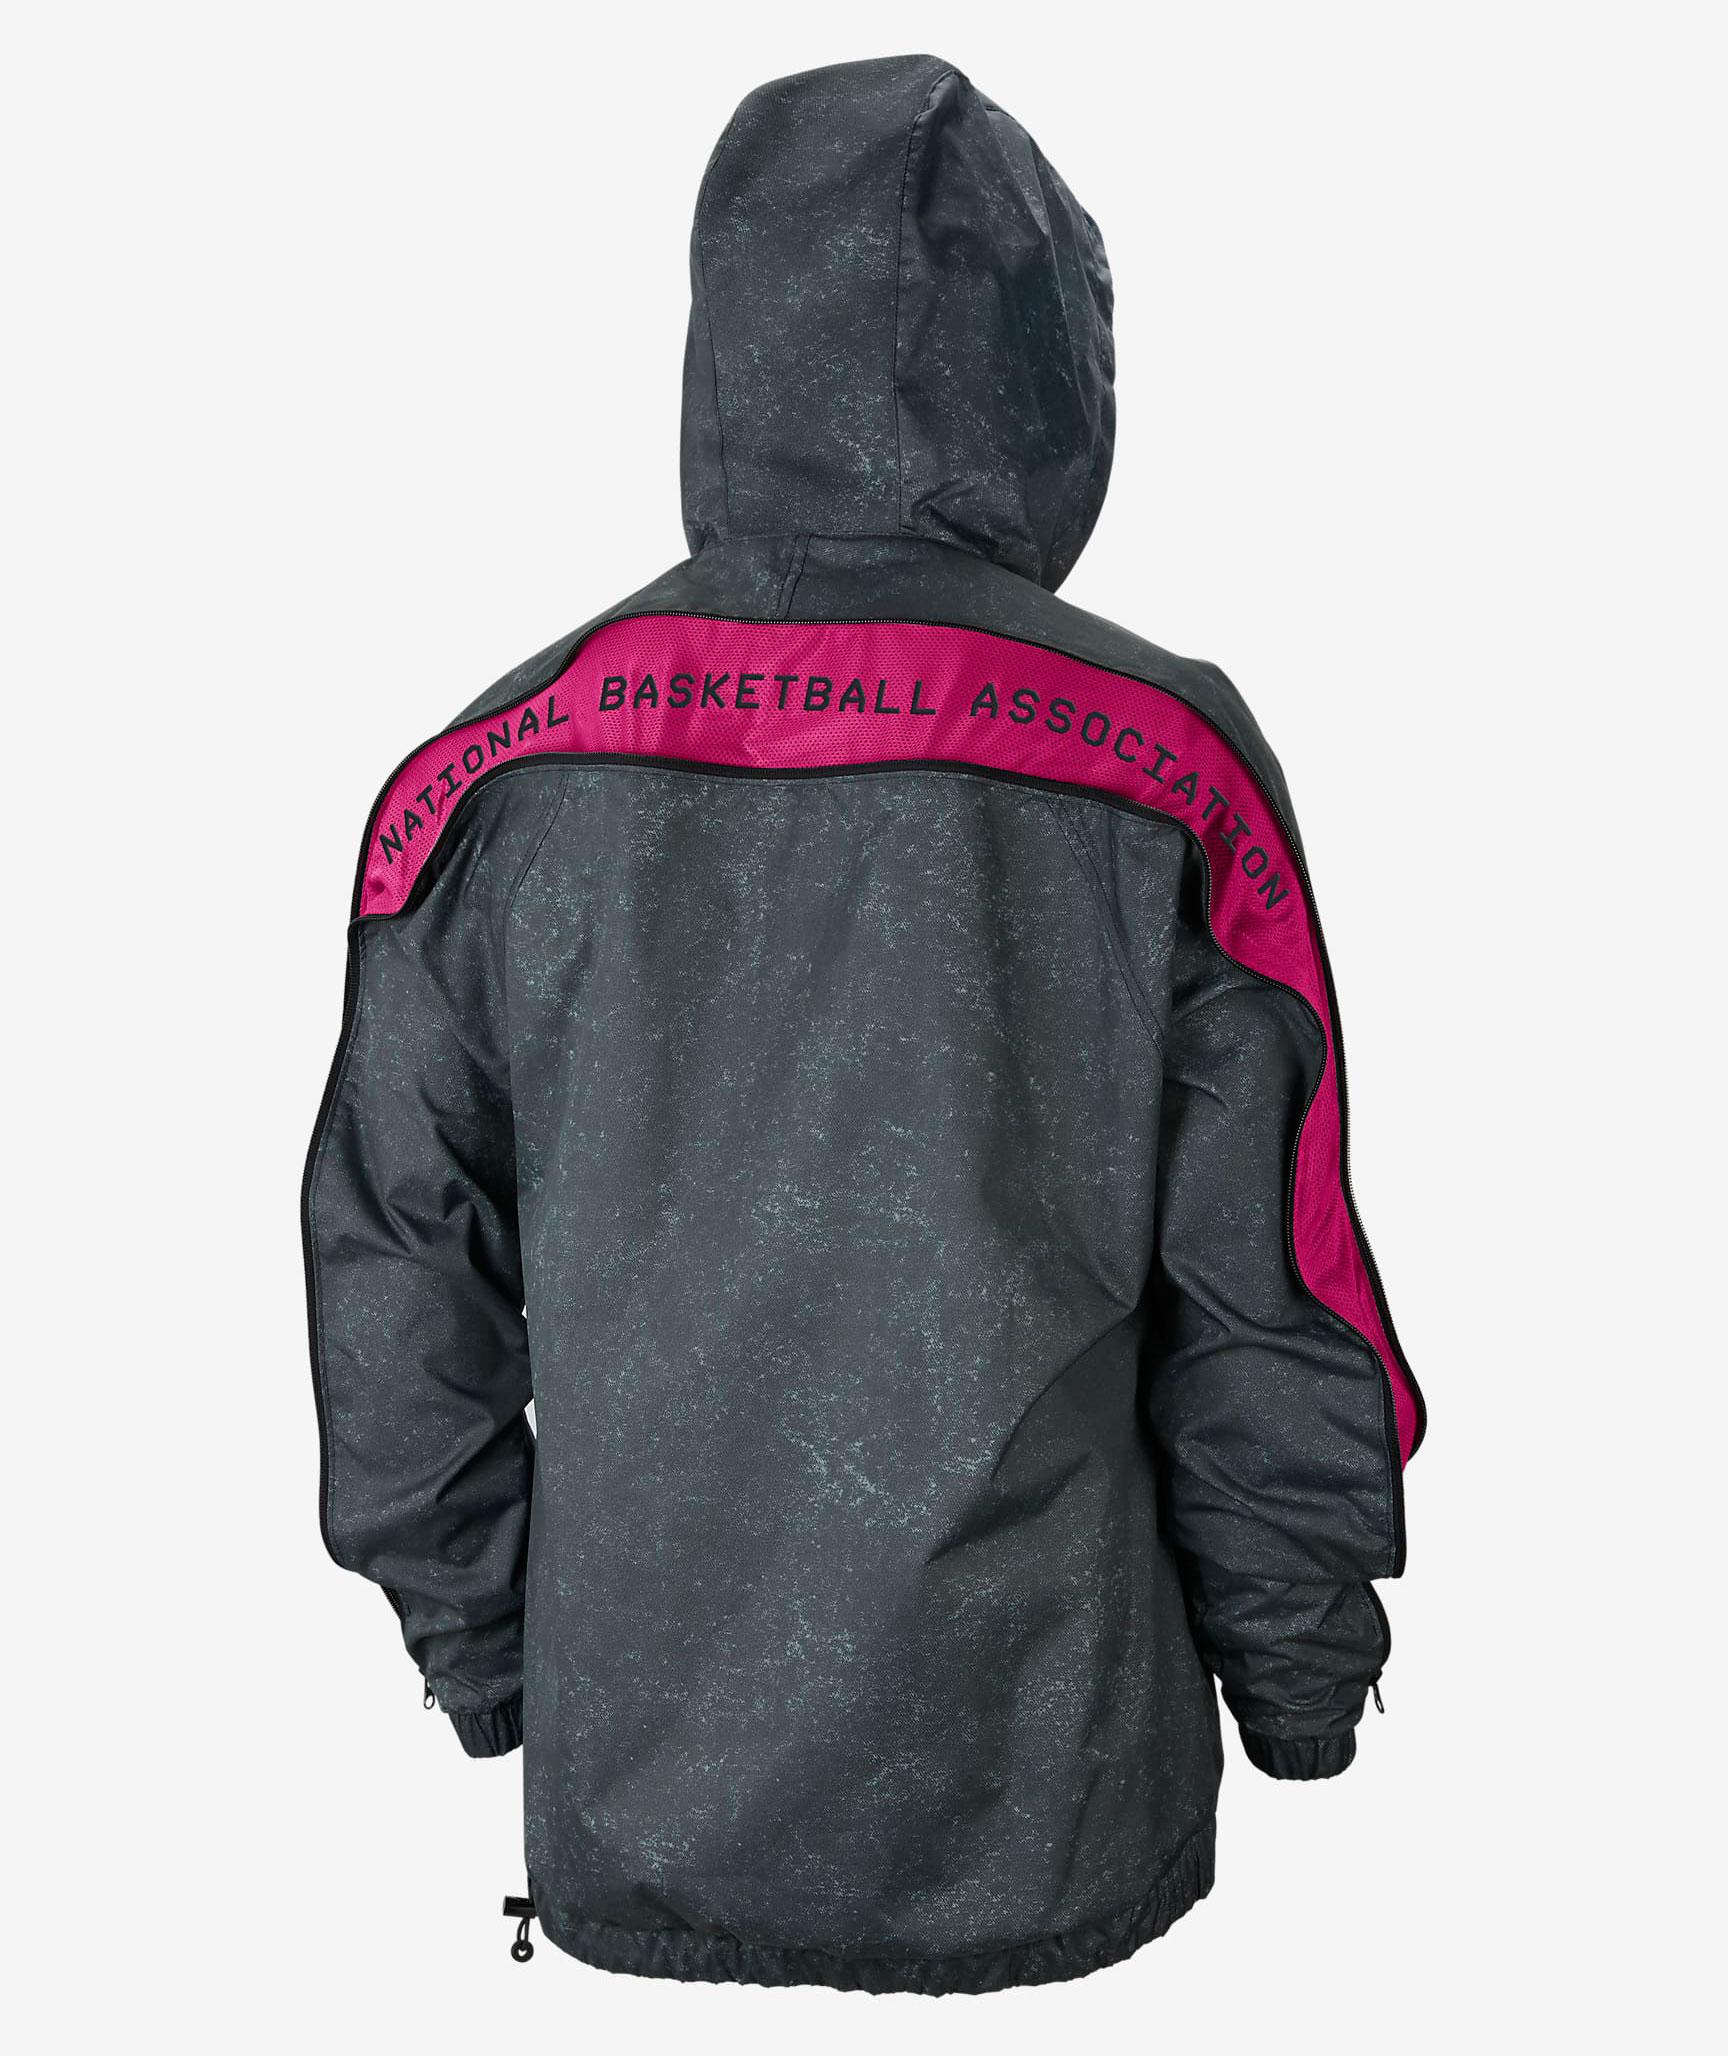 nike-nba-team-31-jacket-3